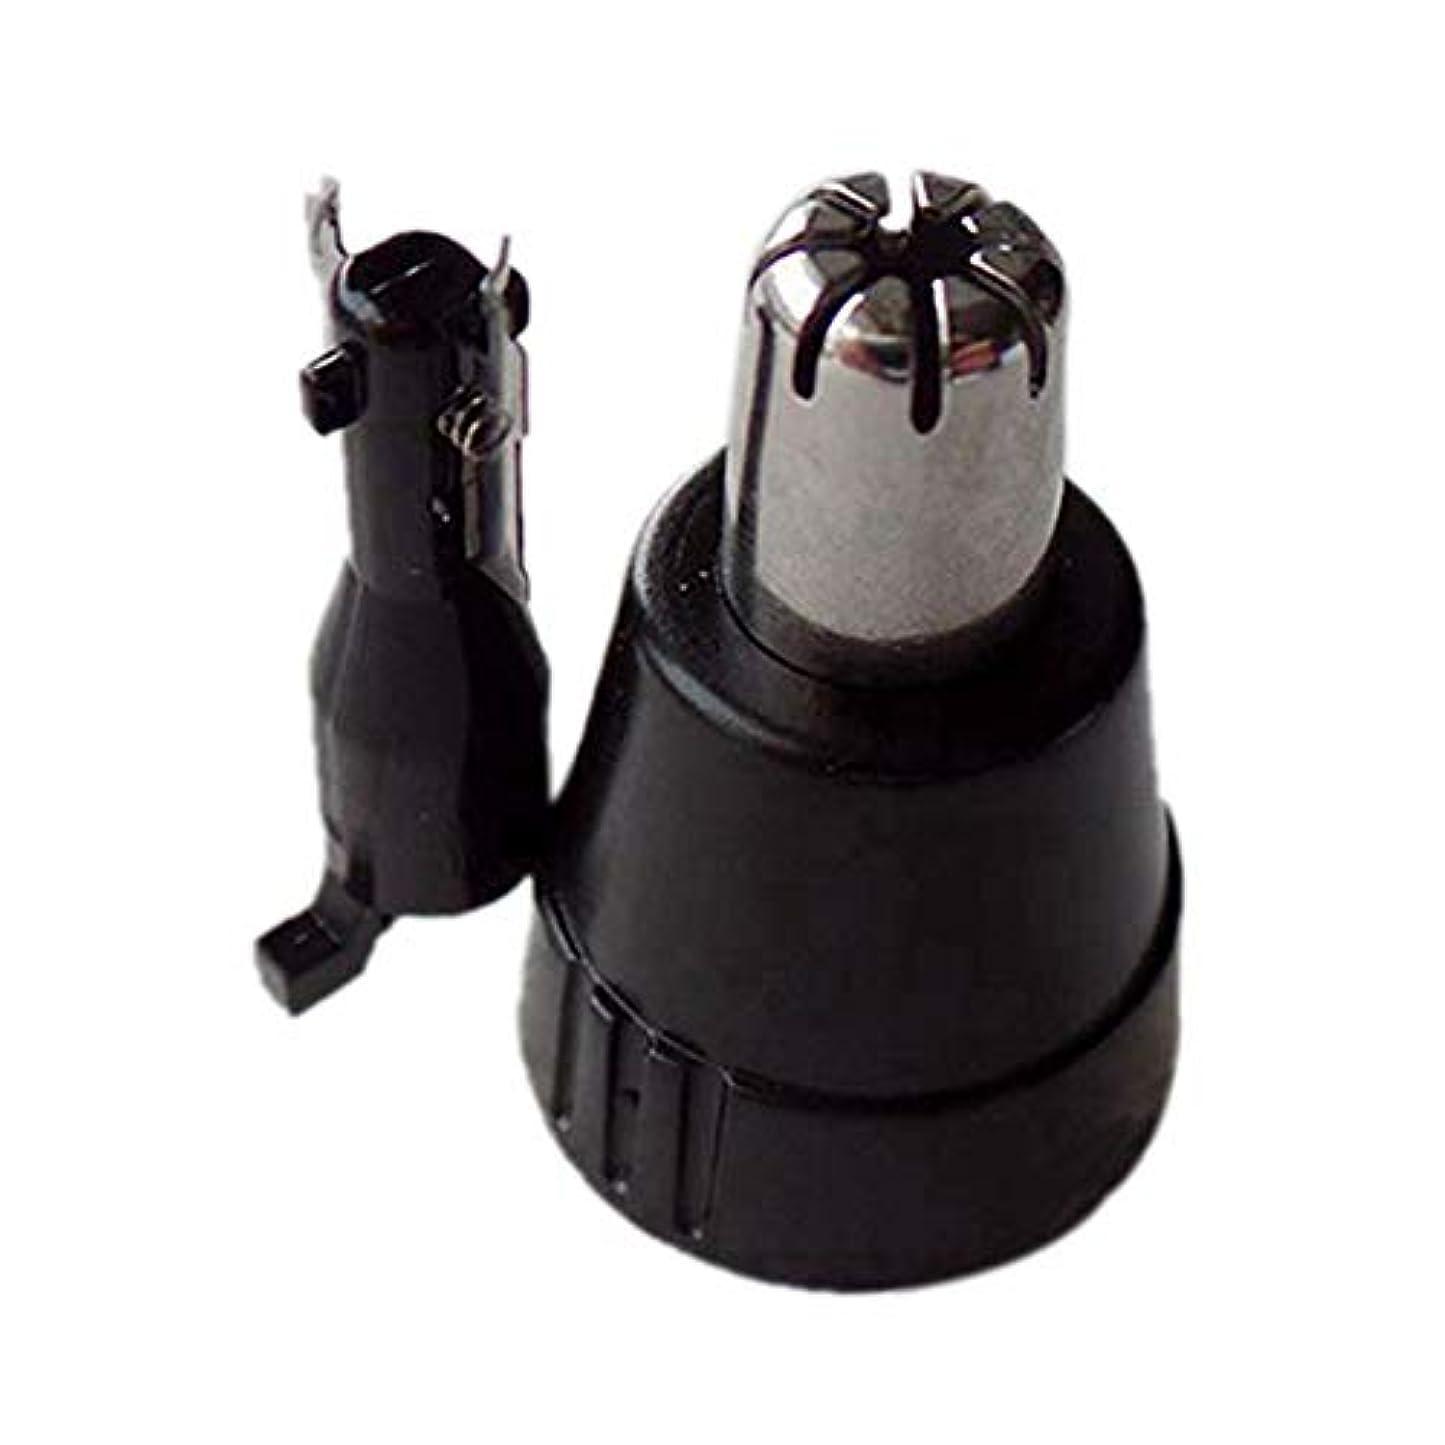 アルファベットセットアップ南西Hzjundasi 鼻毛カッターパーツ 内刃 外刃 替刃 耐用 高質量 for Panasonic 鼻毛カッター ER-GN30/-GN10